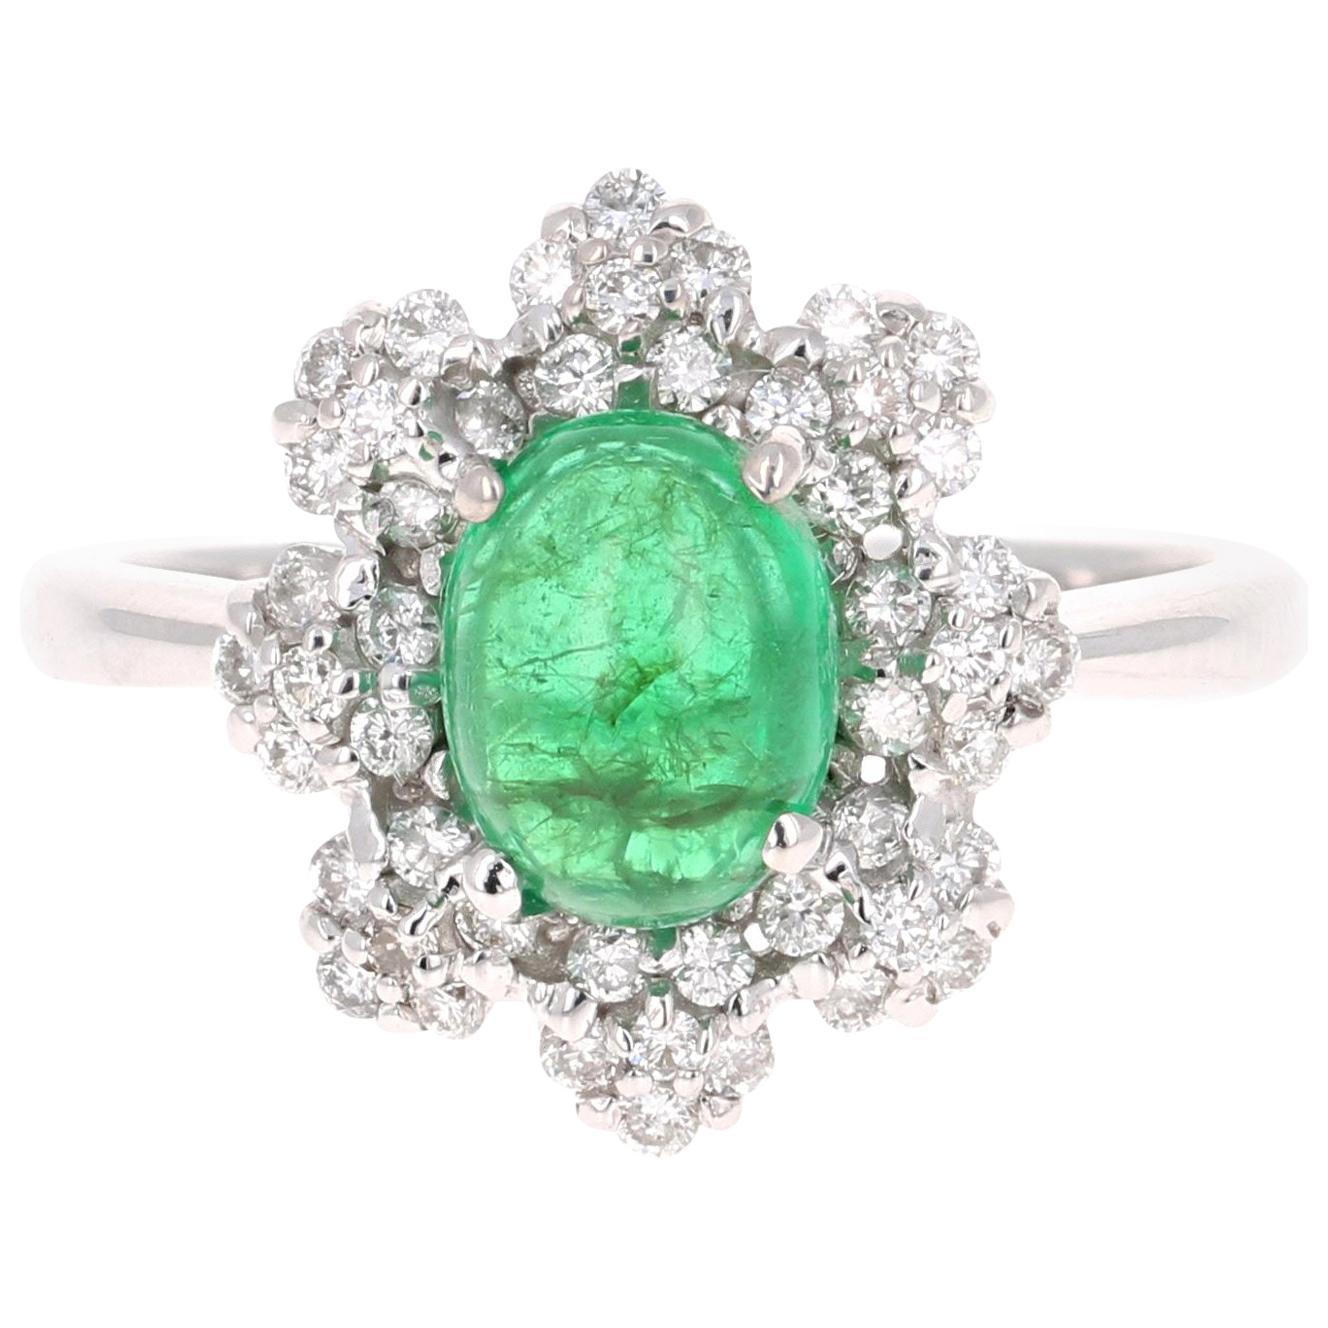 2.27 Carat Emerald Diamond 18 Karat White Gold Ring GIA Certified